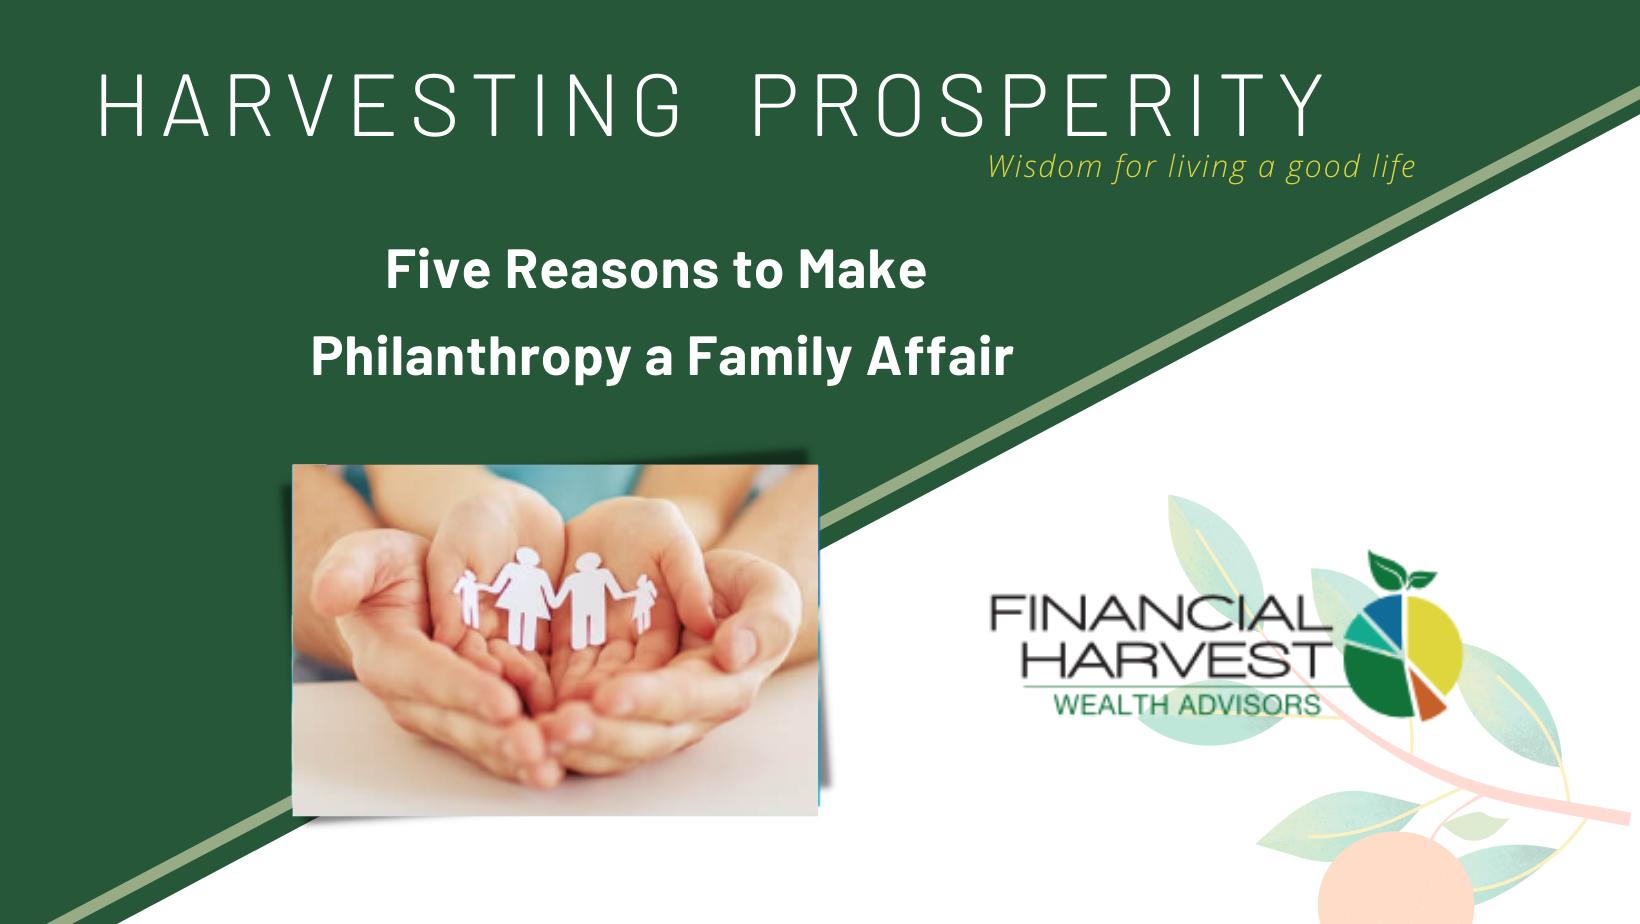 5 reasons to make philanthropy a family affair